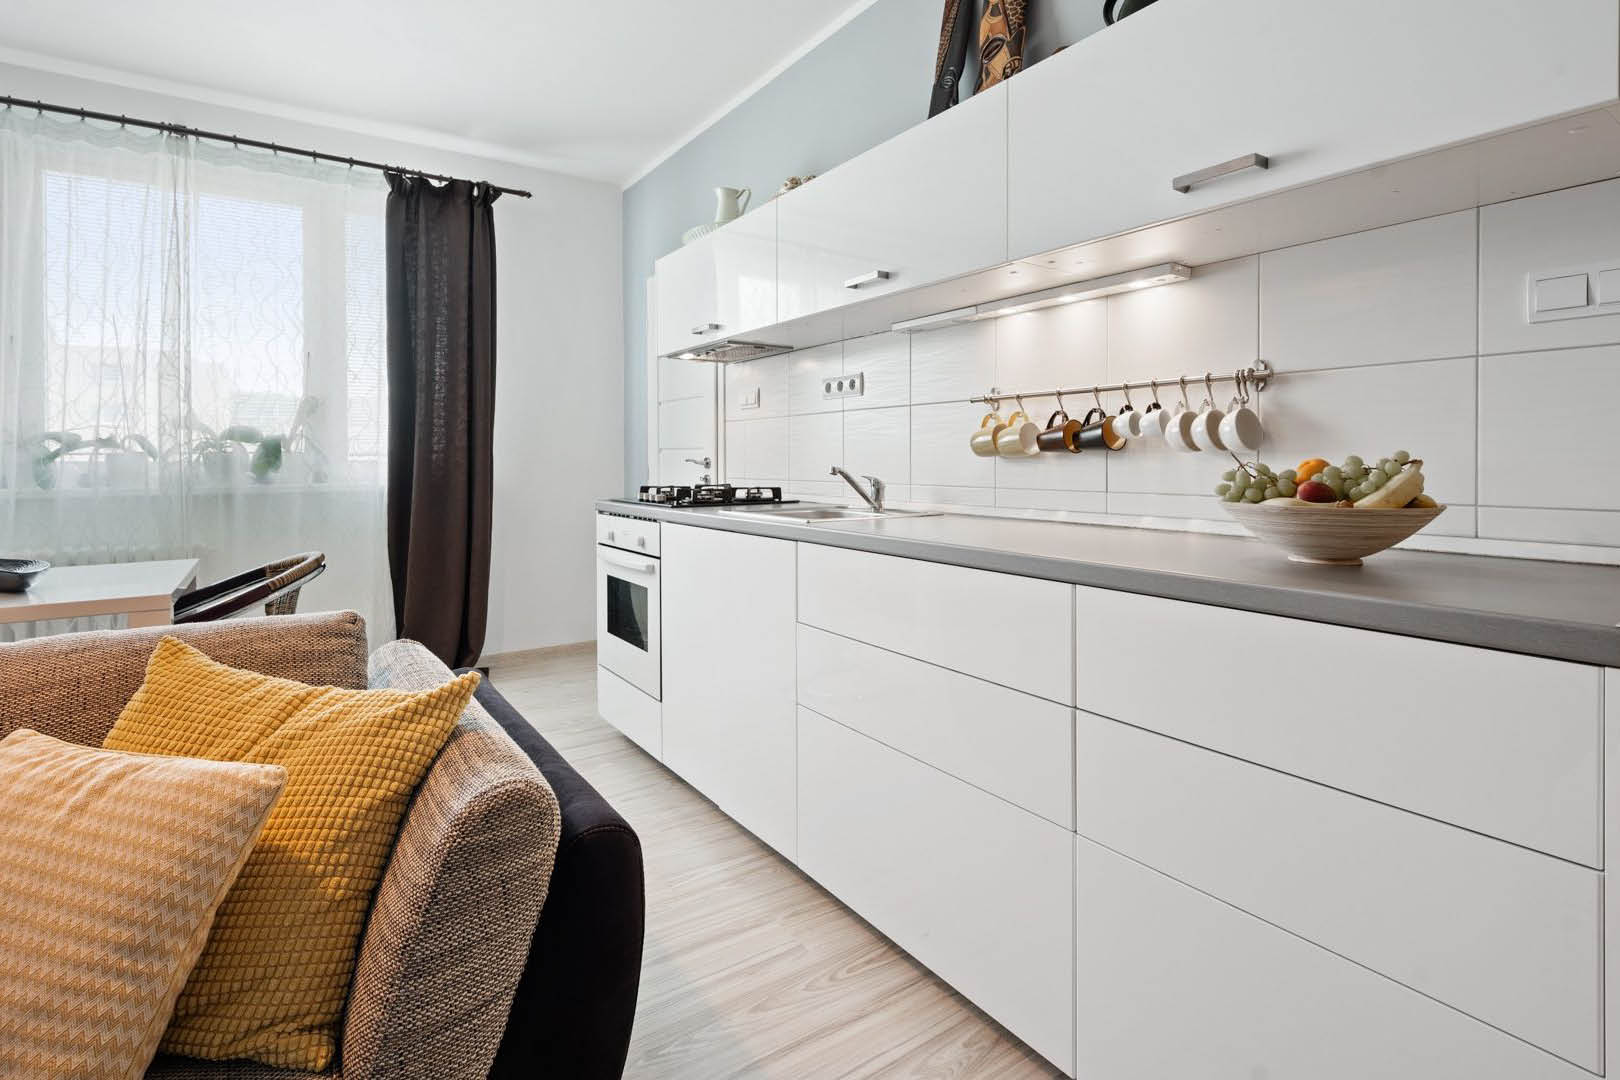 PREDANÉ | 2 izbový byt | Saratovská, Bratislava